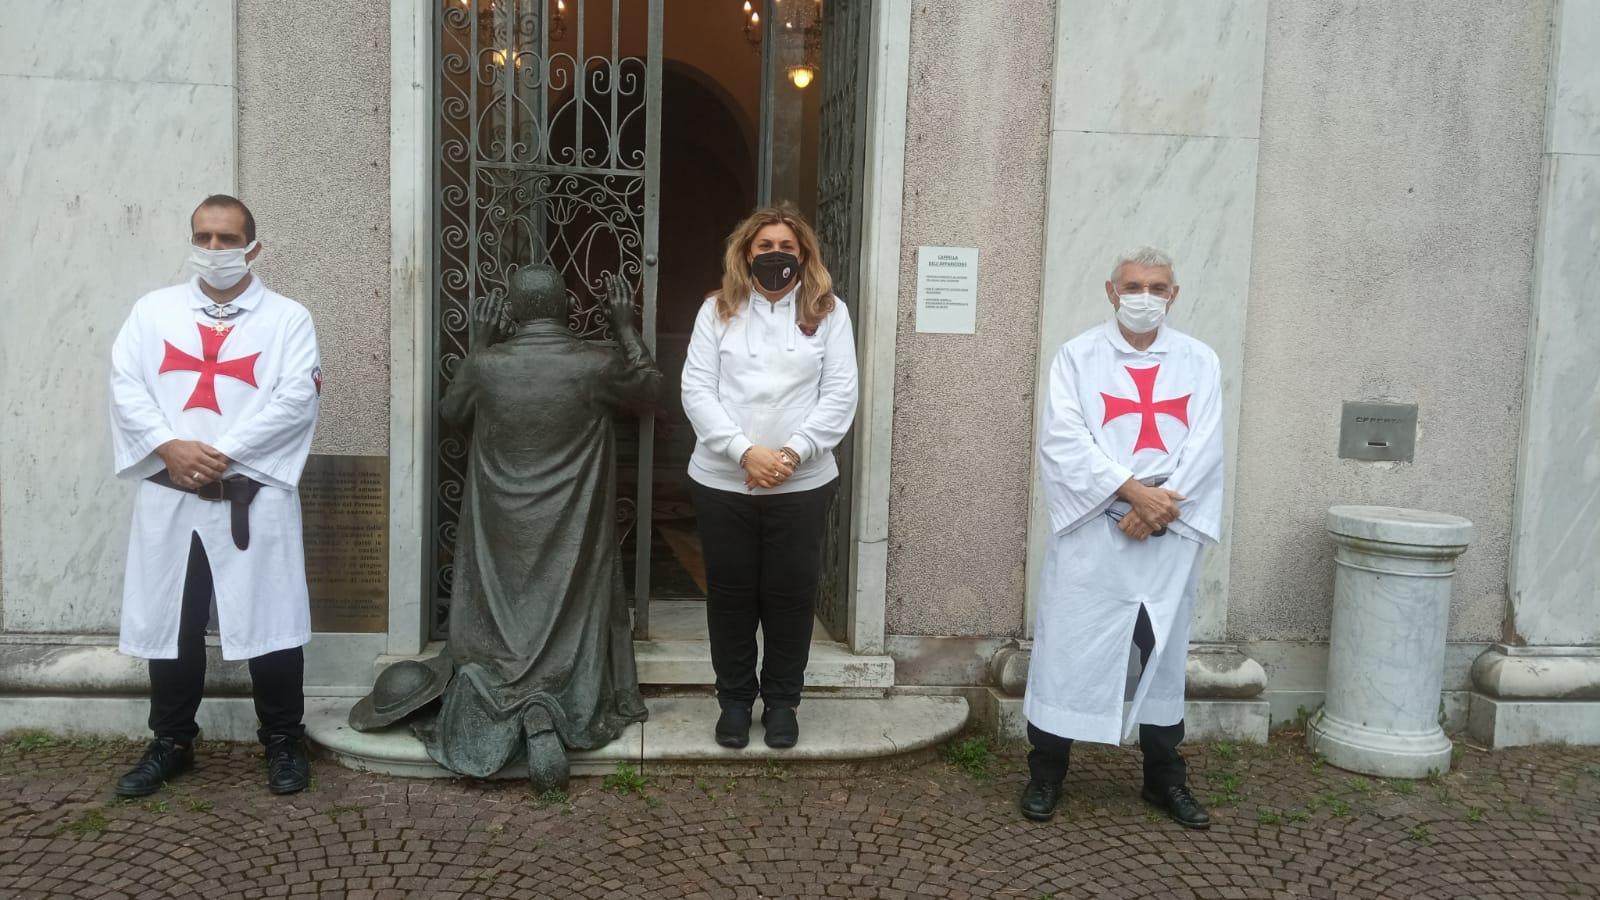 Custodia della cappelletta dell'apparizione e Santa Messa nel Santuario di Nostra Signora della Guardia a Genova (Settembre 2021)